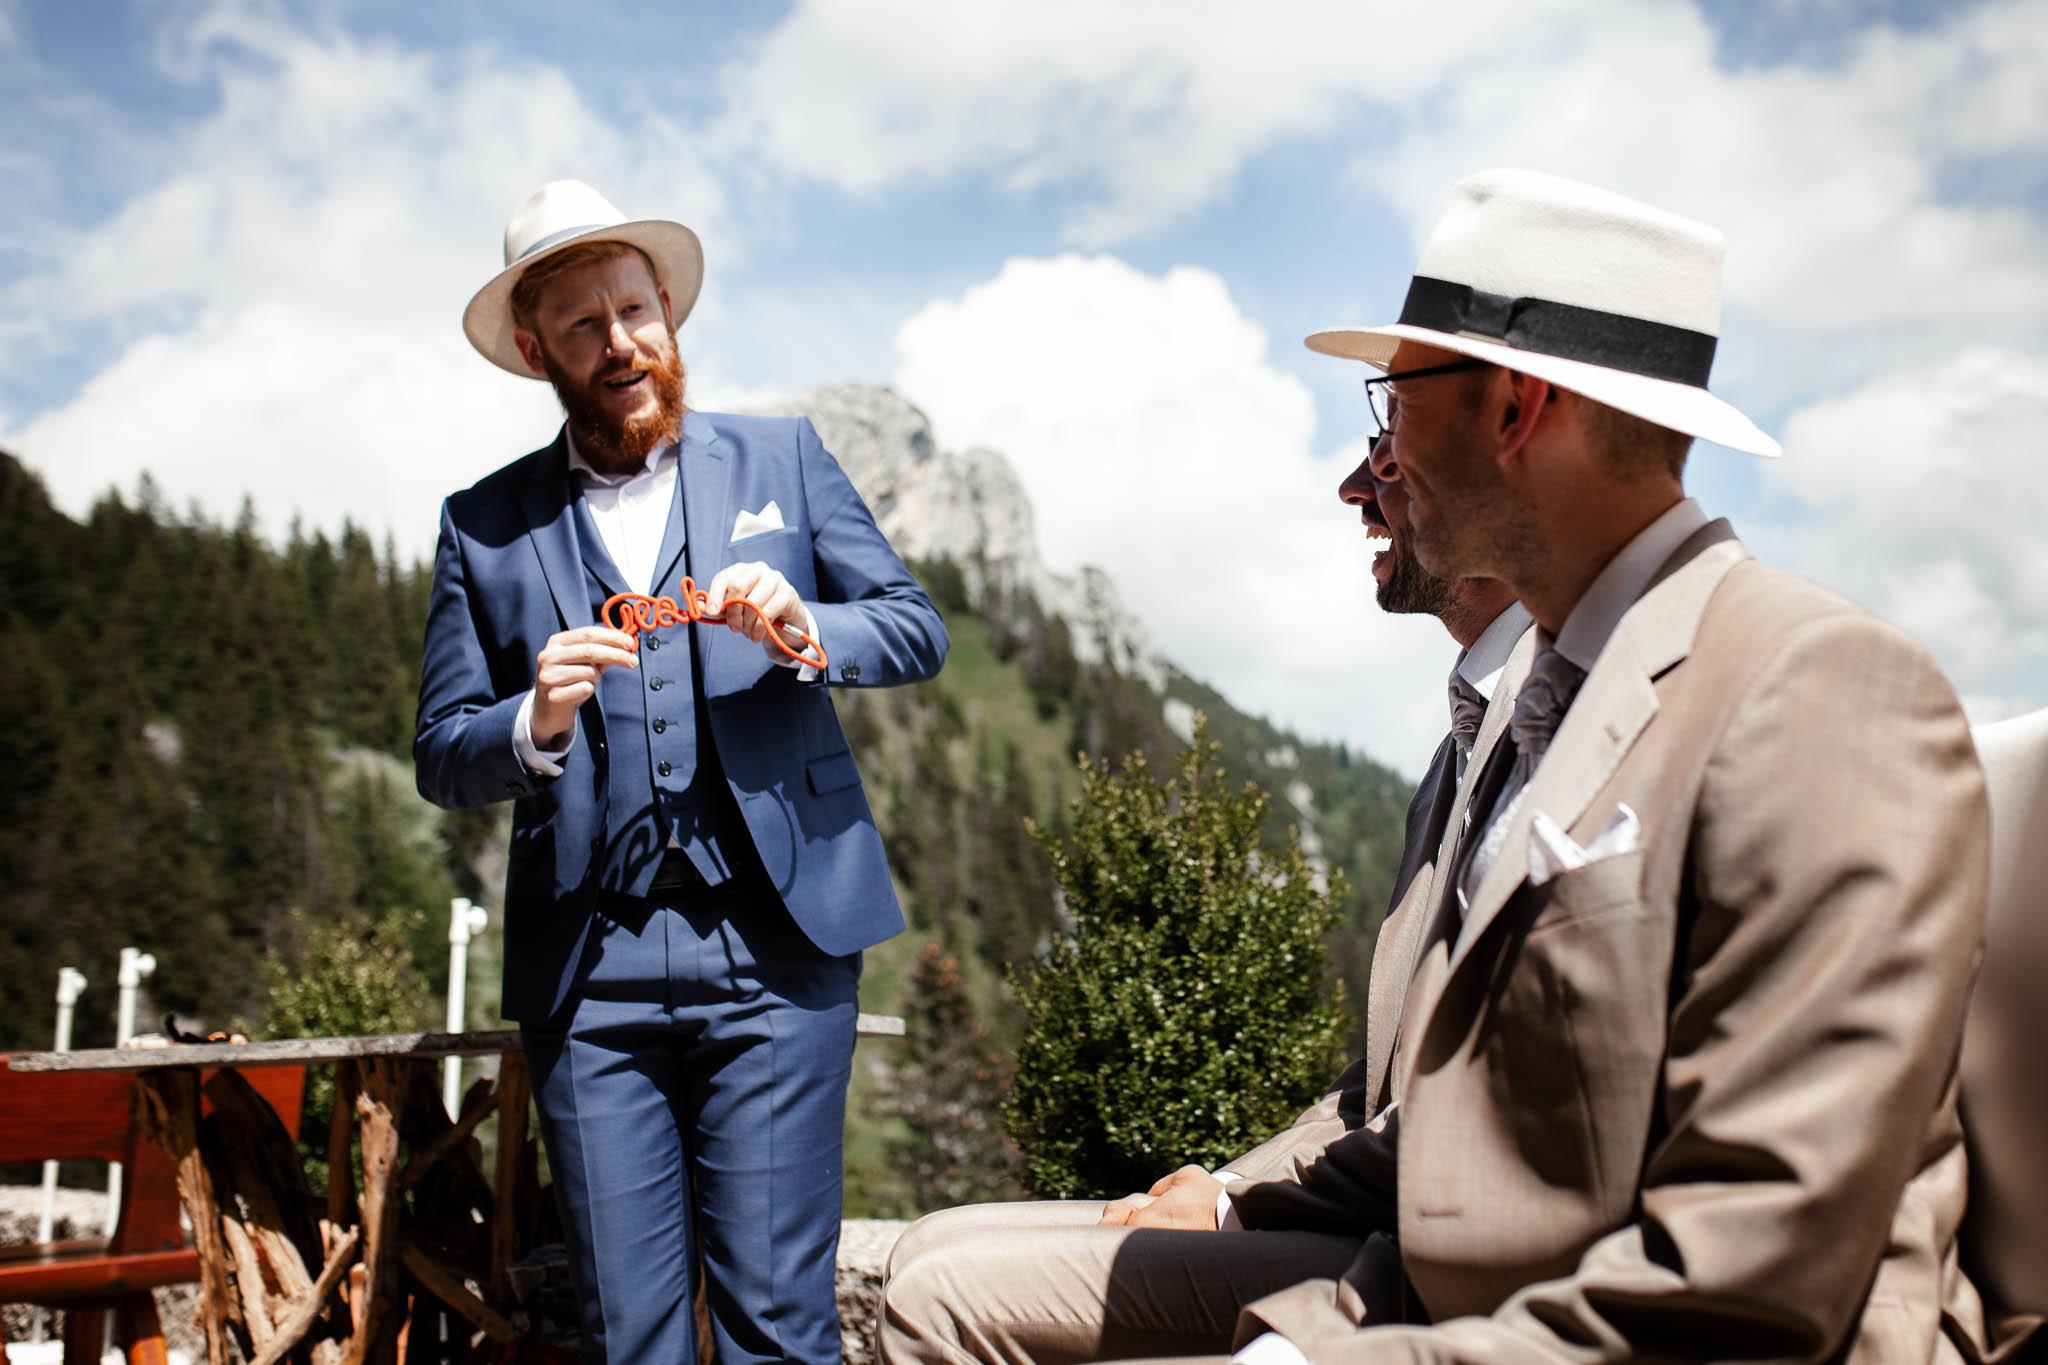 Hochzeitsfotograf Alpen, Chiemgau: freie Trauung von Dennis & Dirk 34